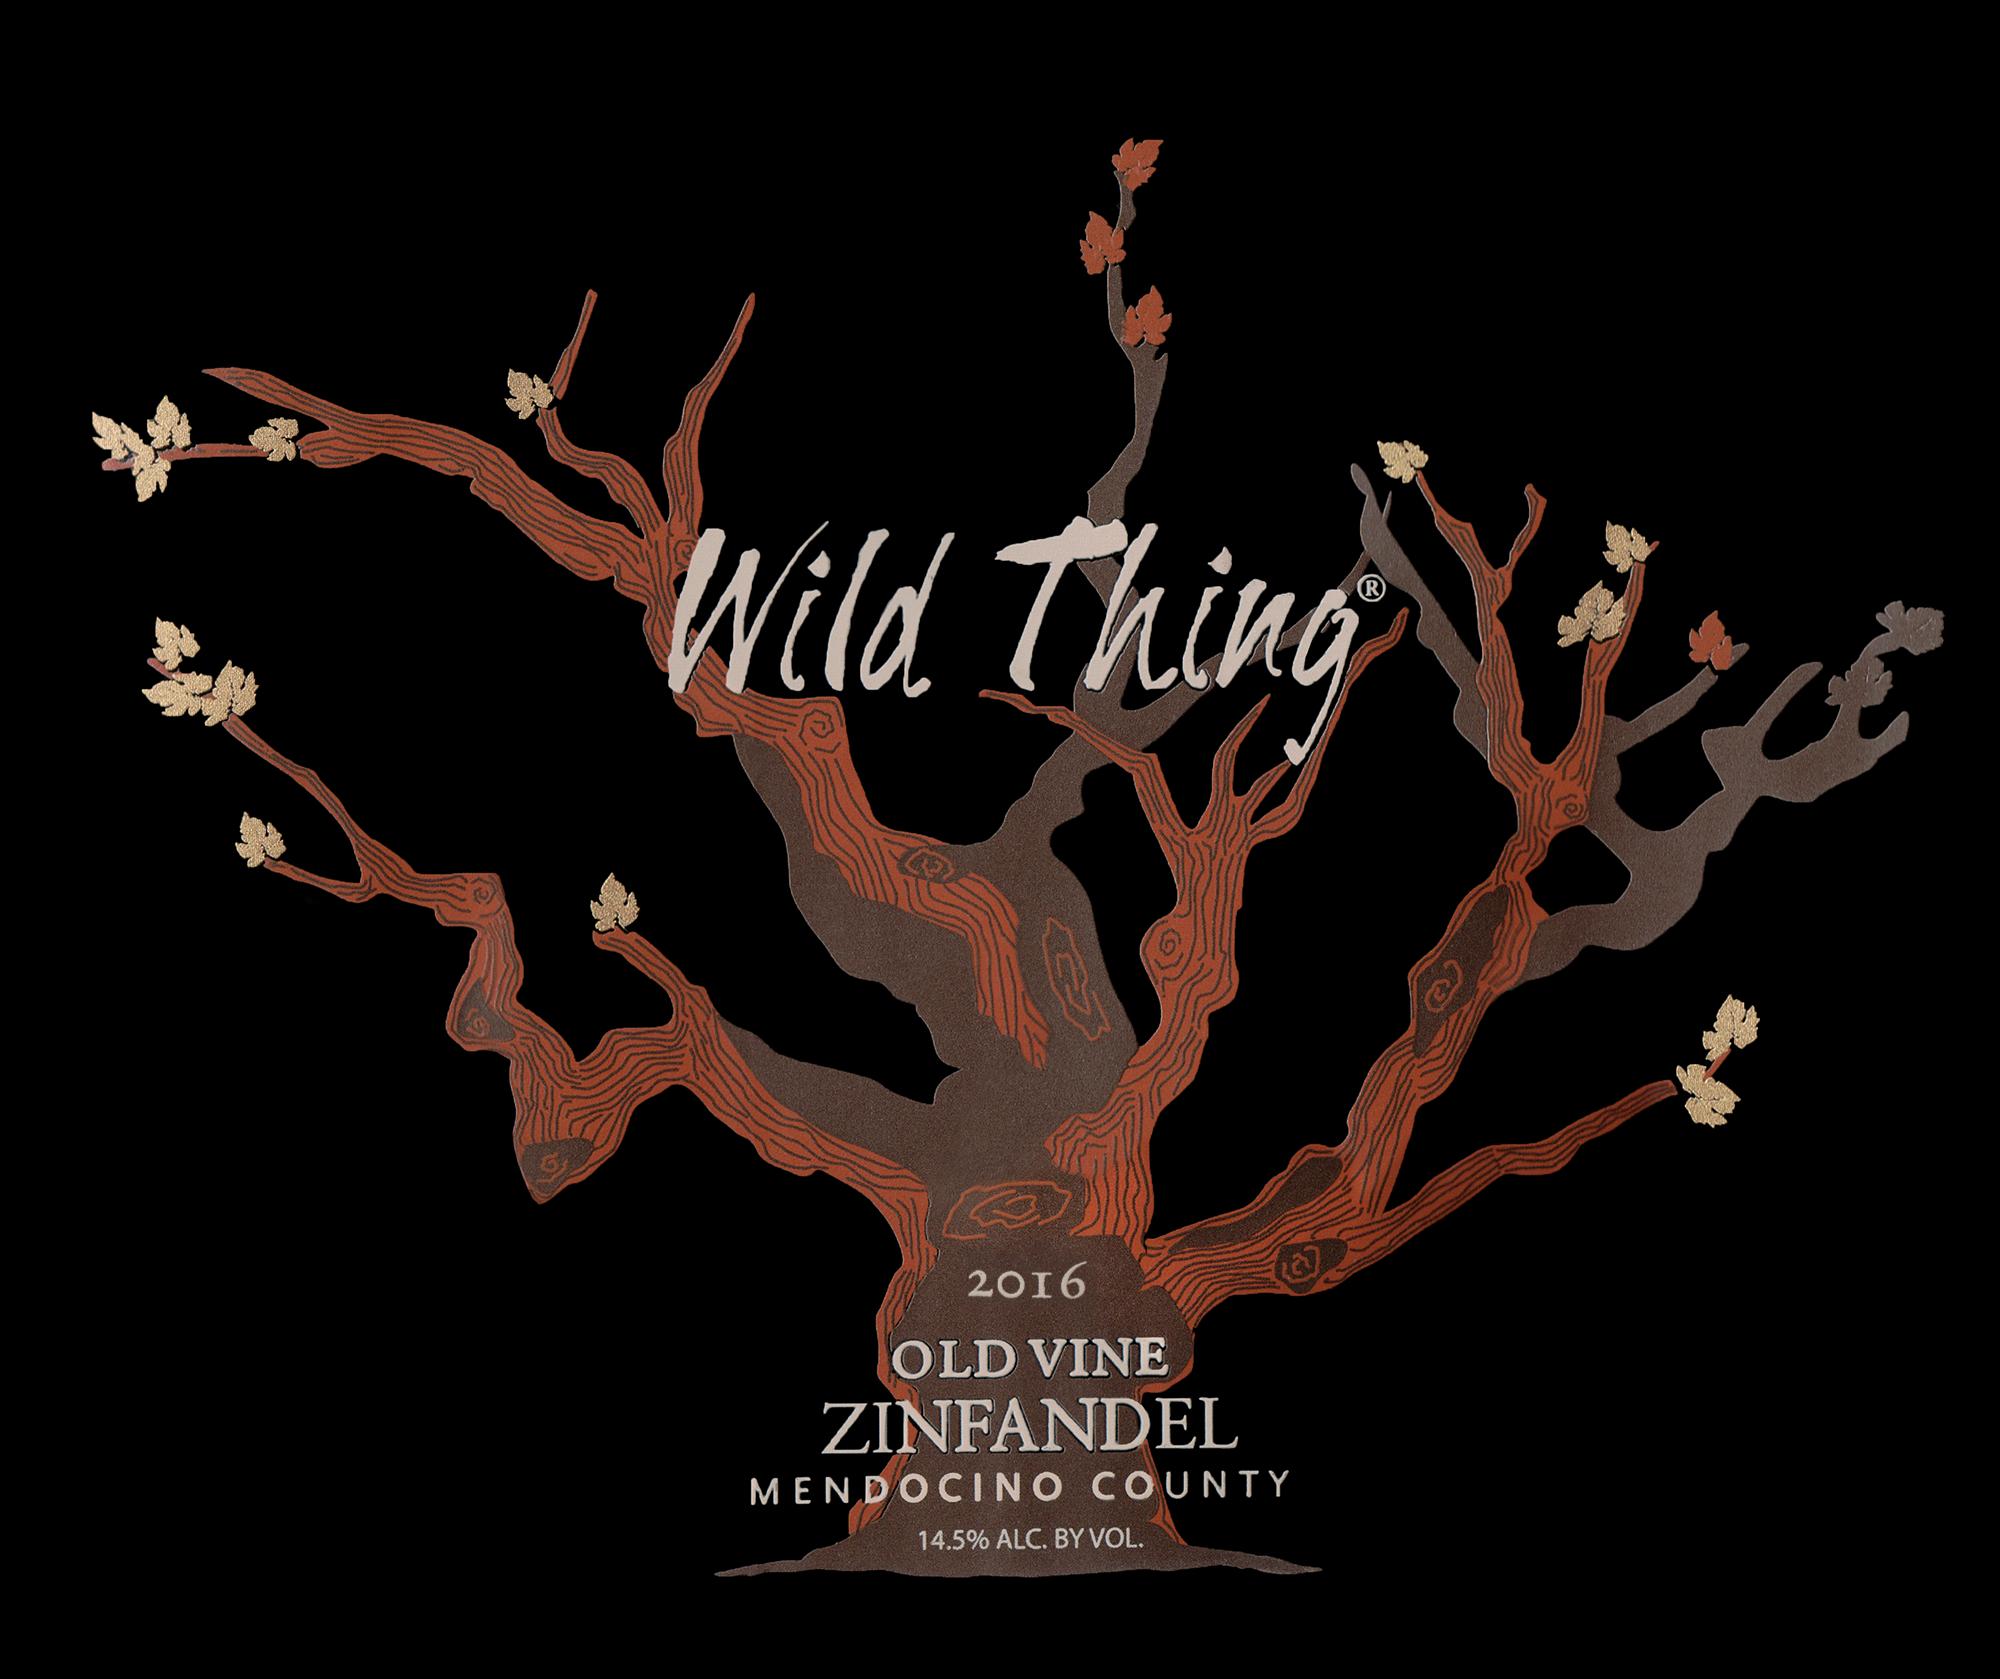 Carol Shelton Wild Thing Zinfandel 2016